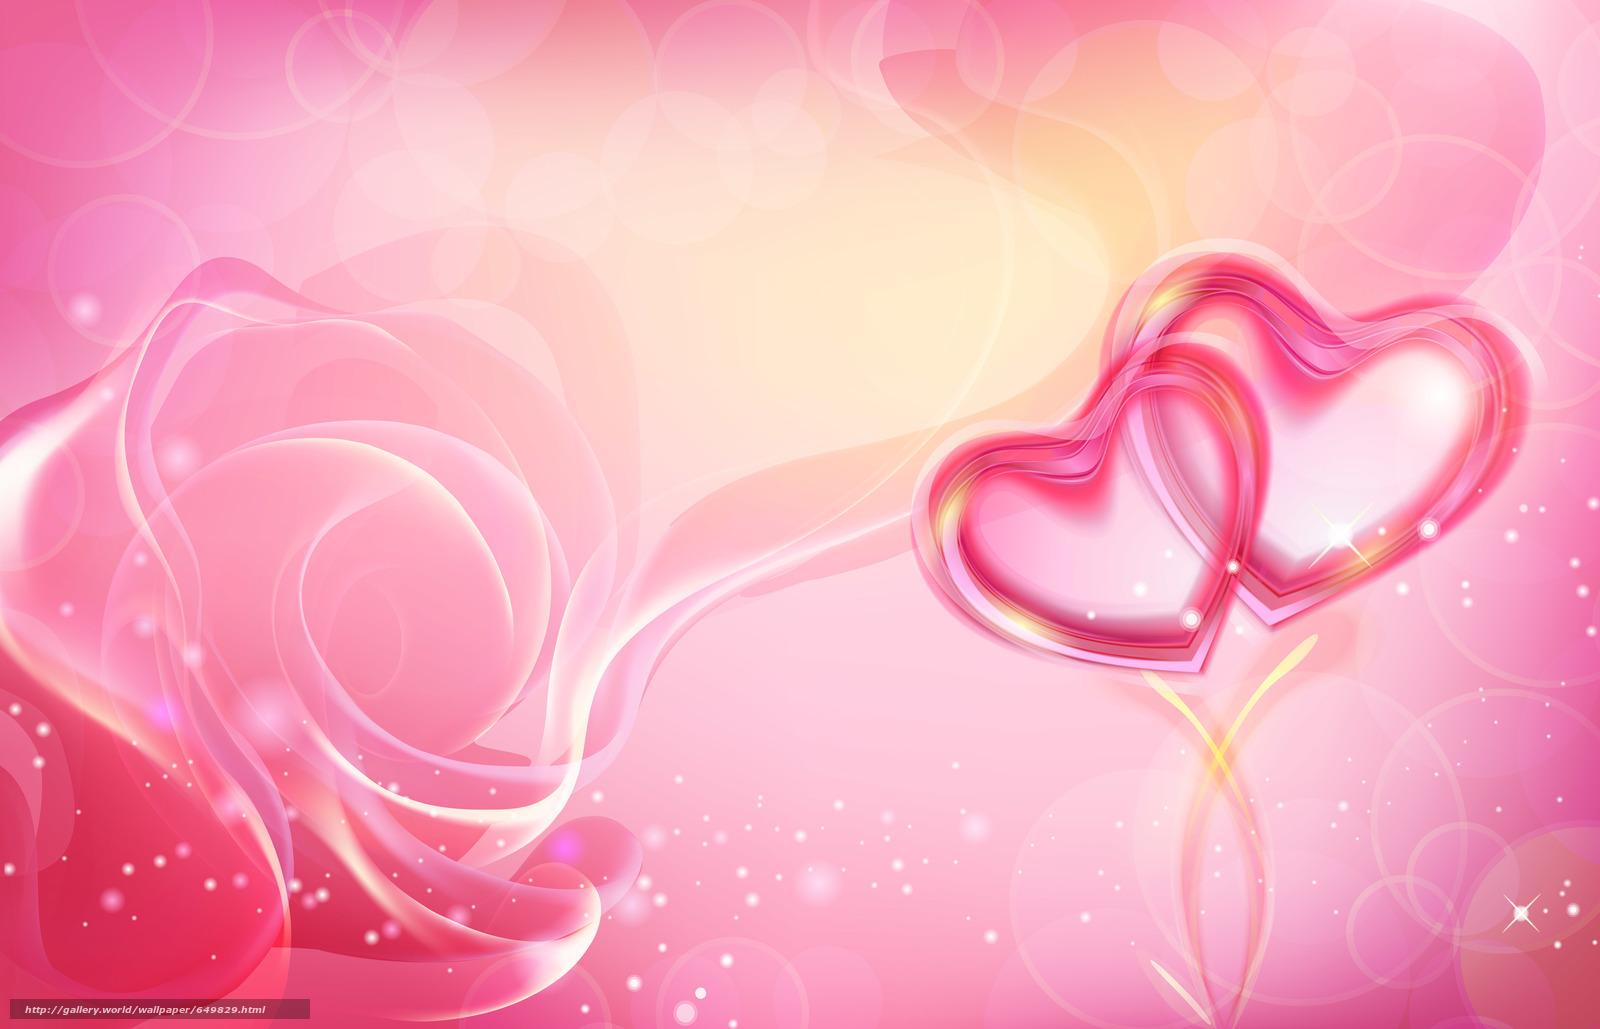 Скачать обои Валентинки,  Валентинка,  День святого Валентина,  день влюблённых бесплатно для рабочего стола в разрешении 6000x3857 — картинка №649829